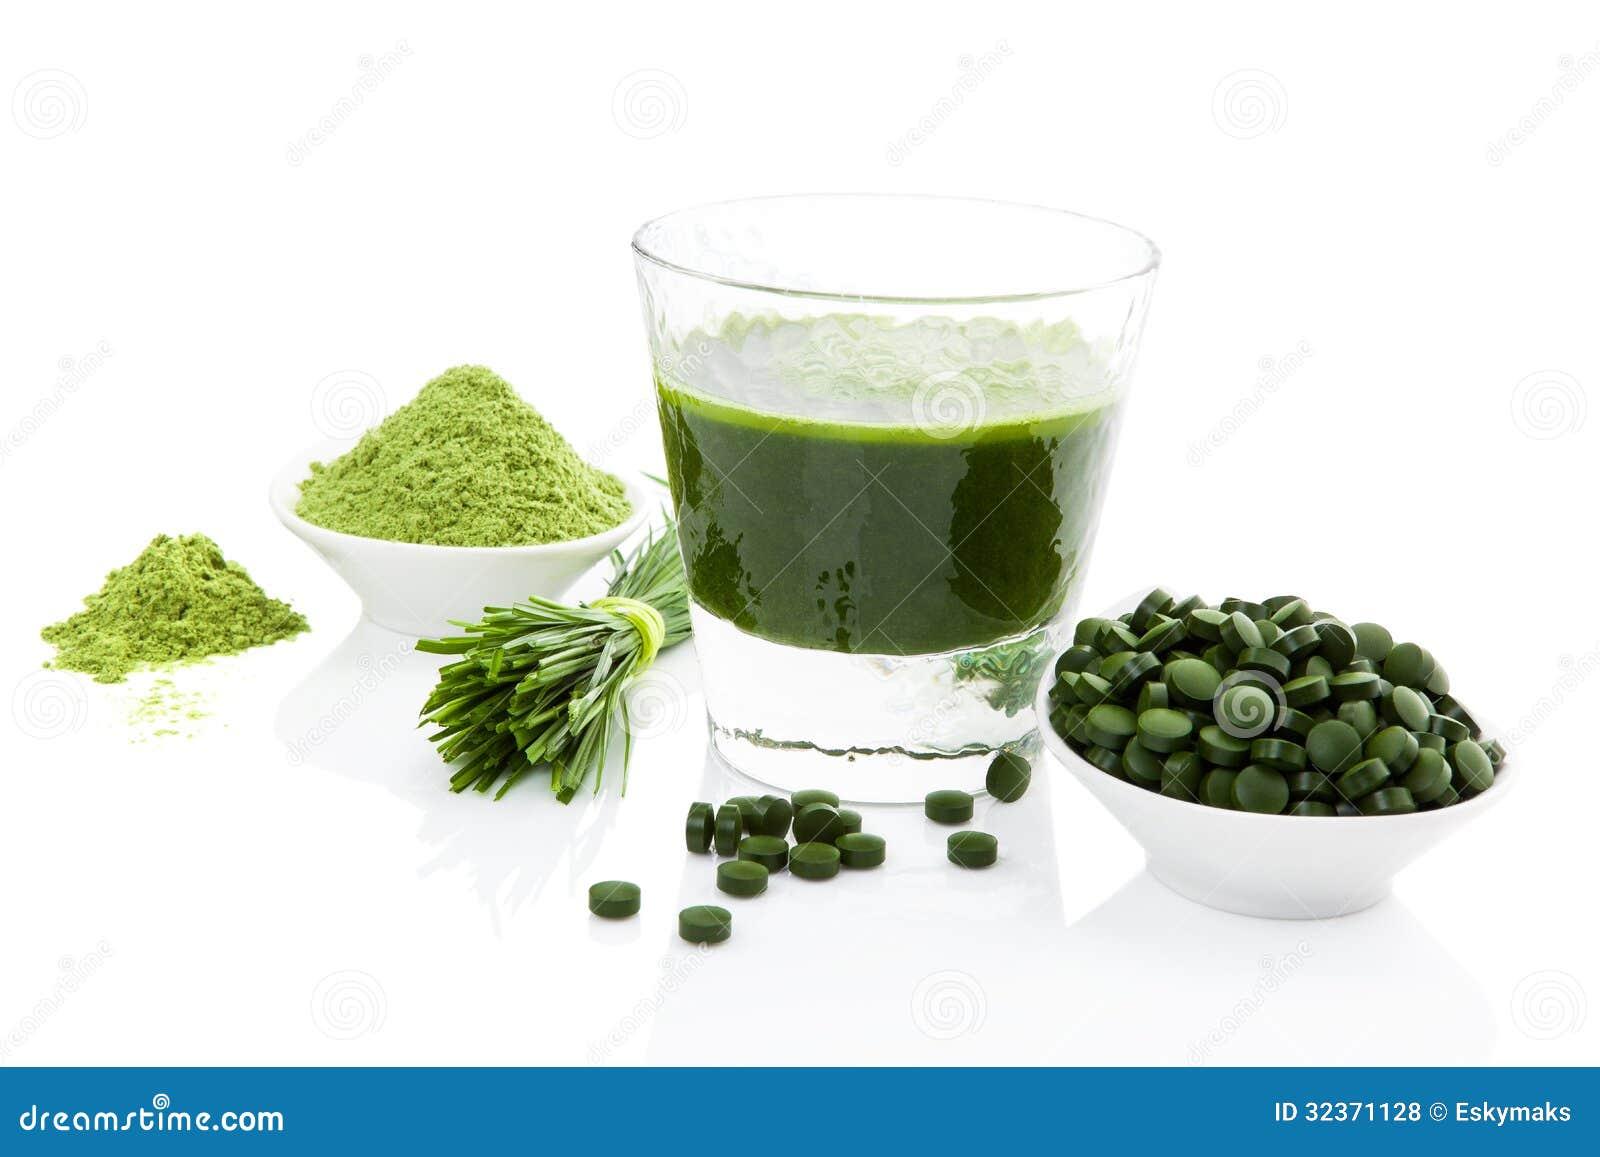 Здоровое прожитие. Spirulina, хлорелла и wheatgrass.